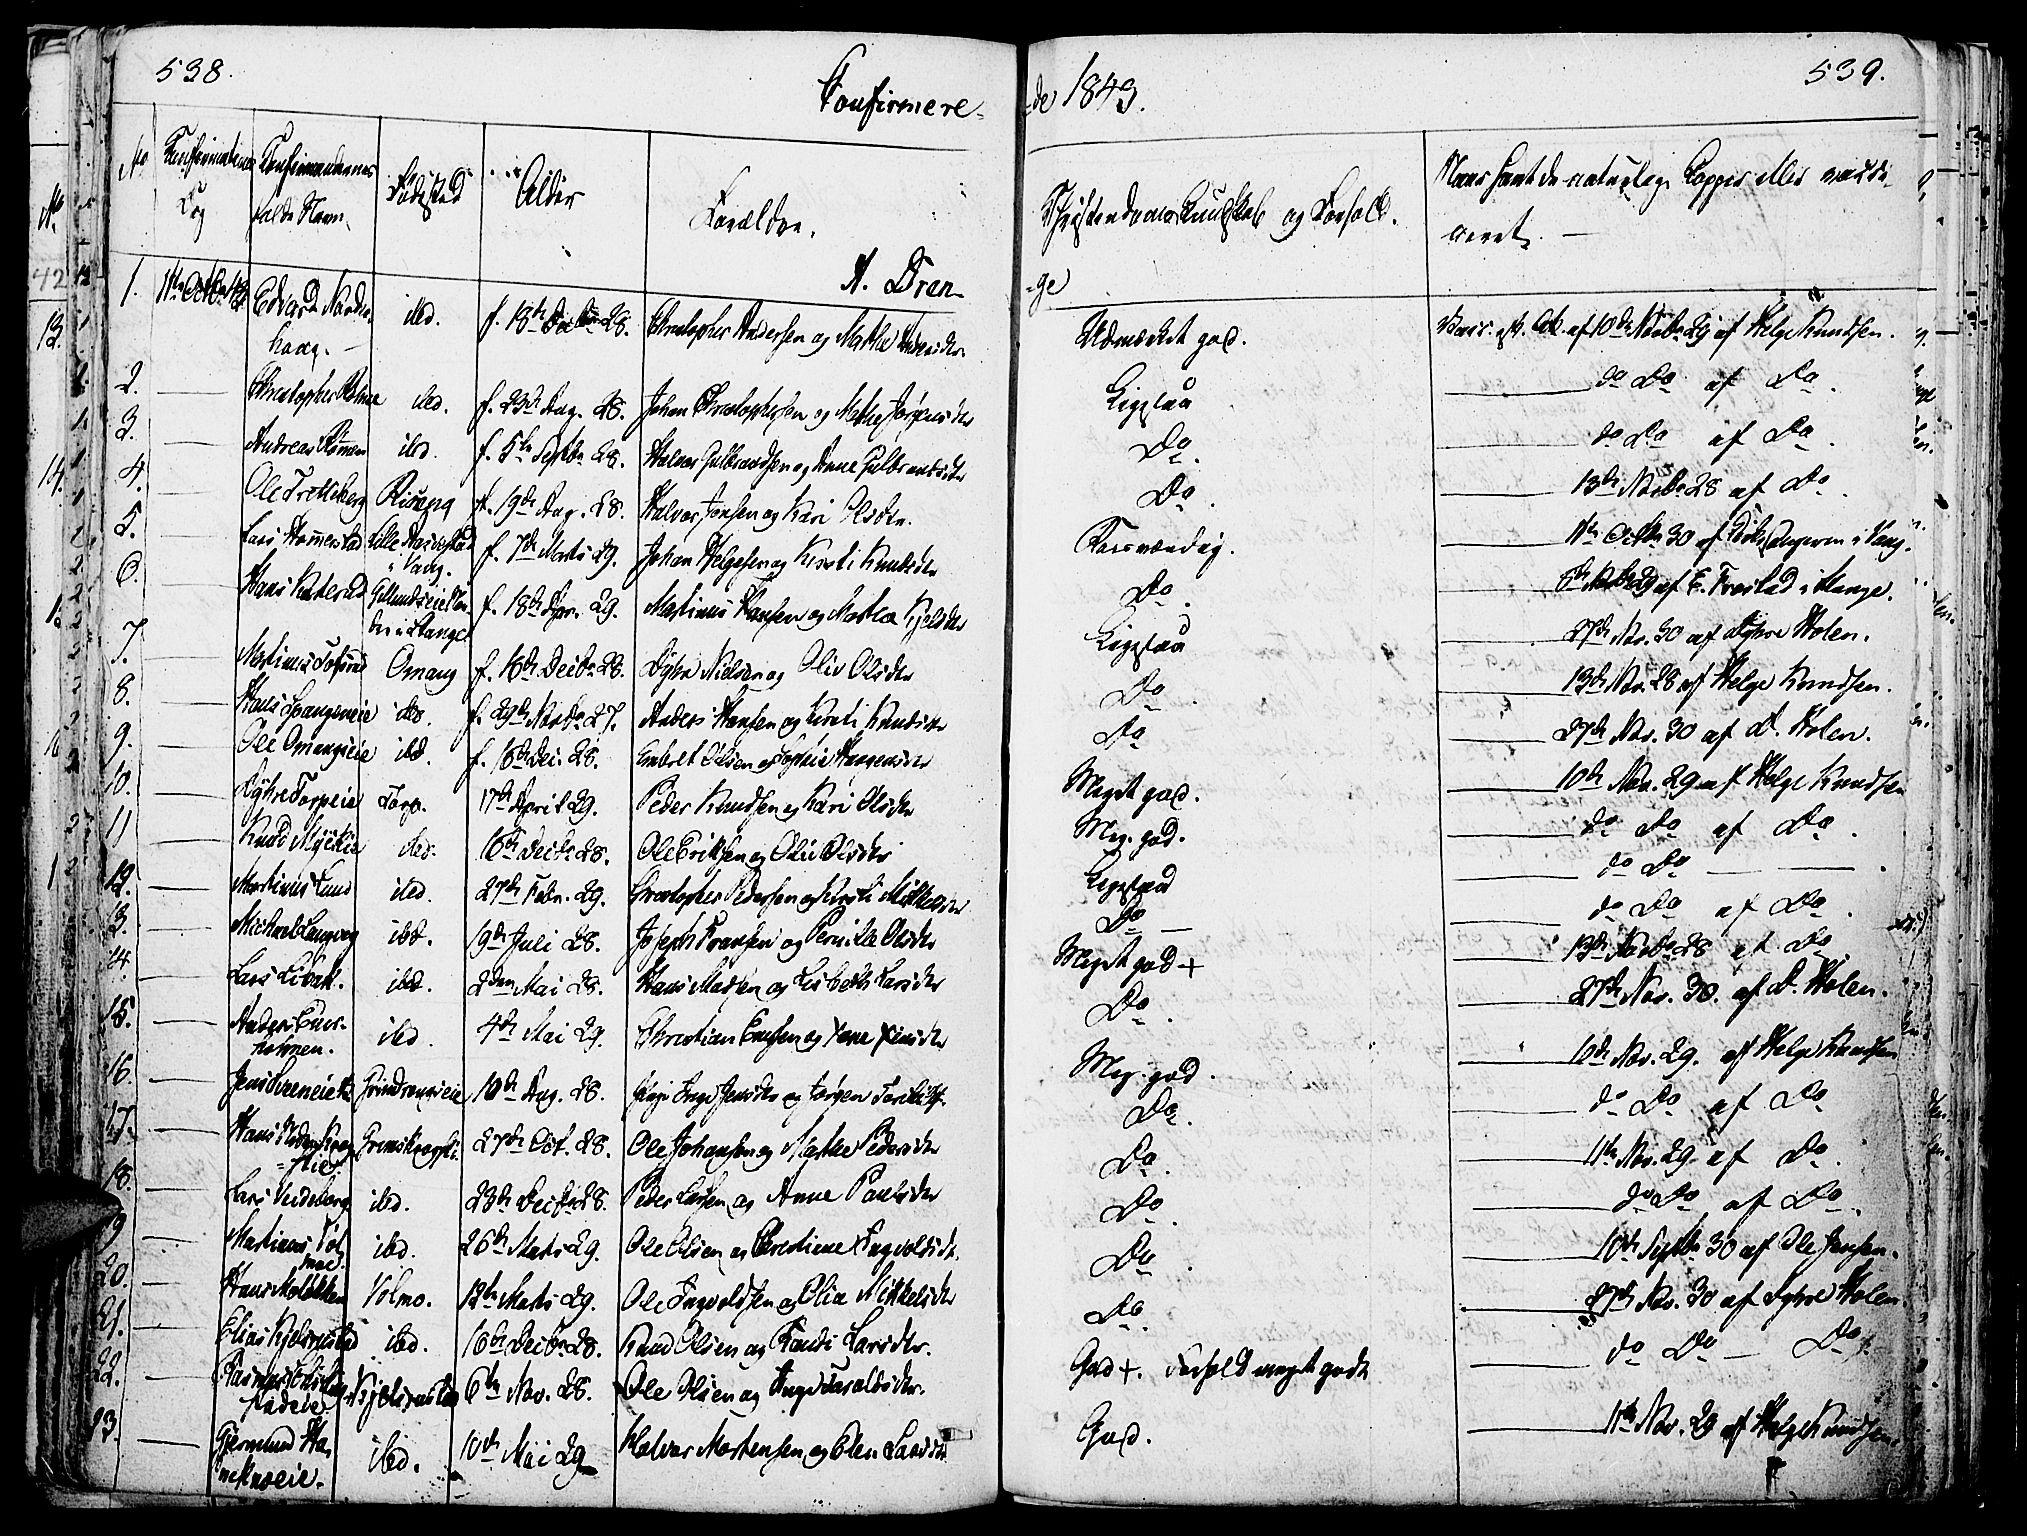 SAH, Løten prestekontor, K/Ka/L0006: Parish register (official) no. 6, 1832-1849, p. 538-539